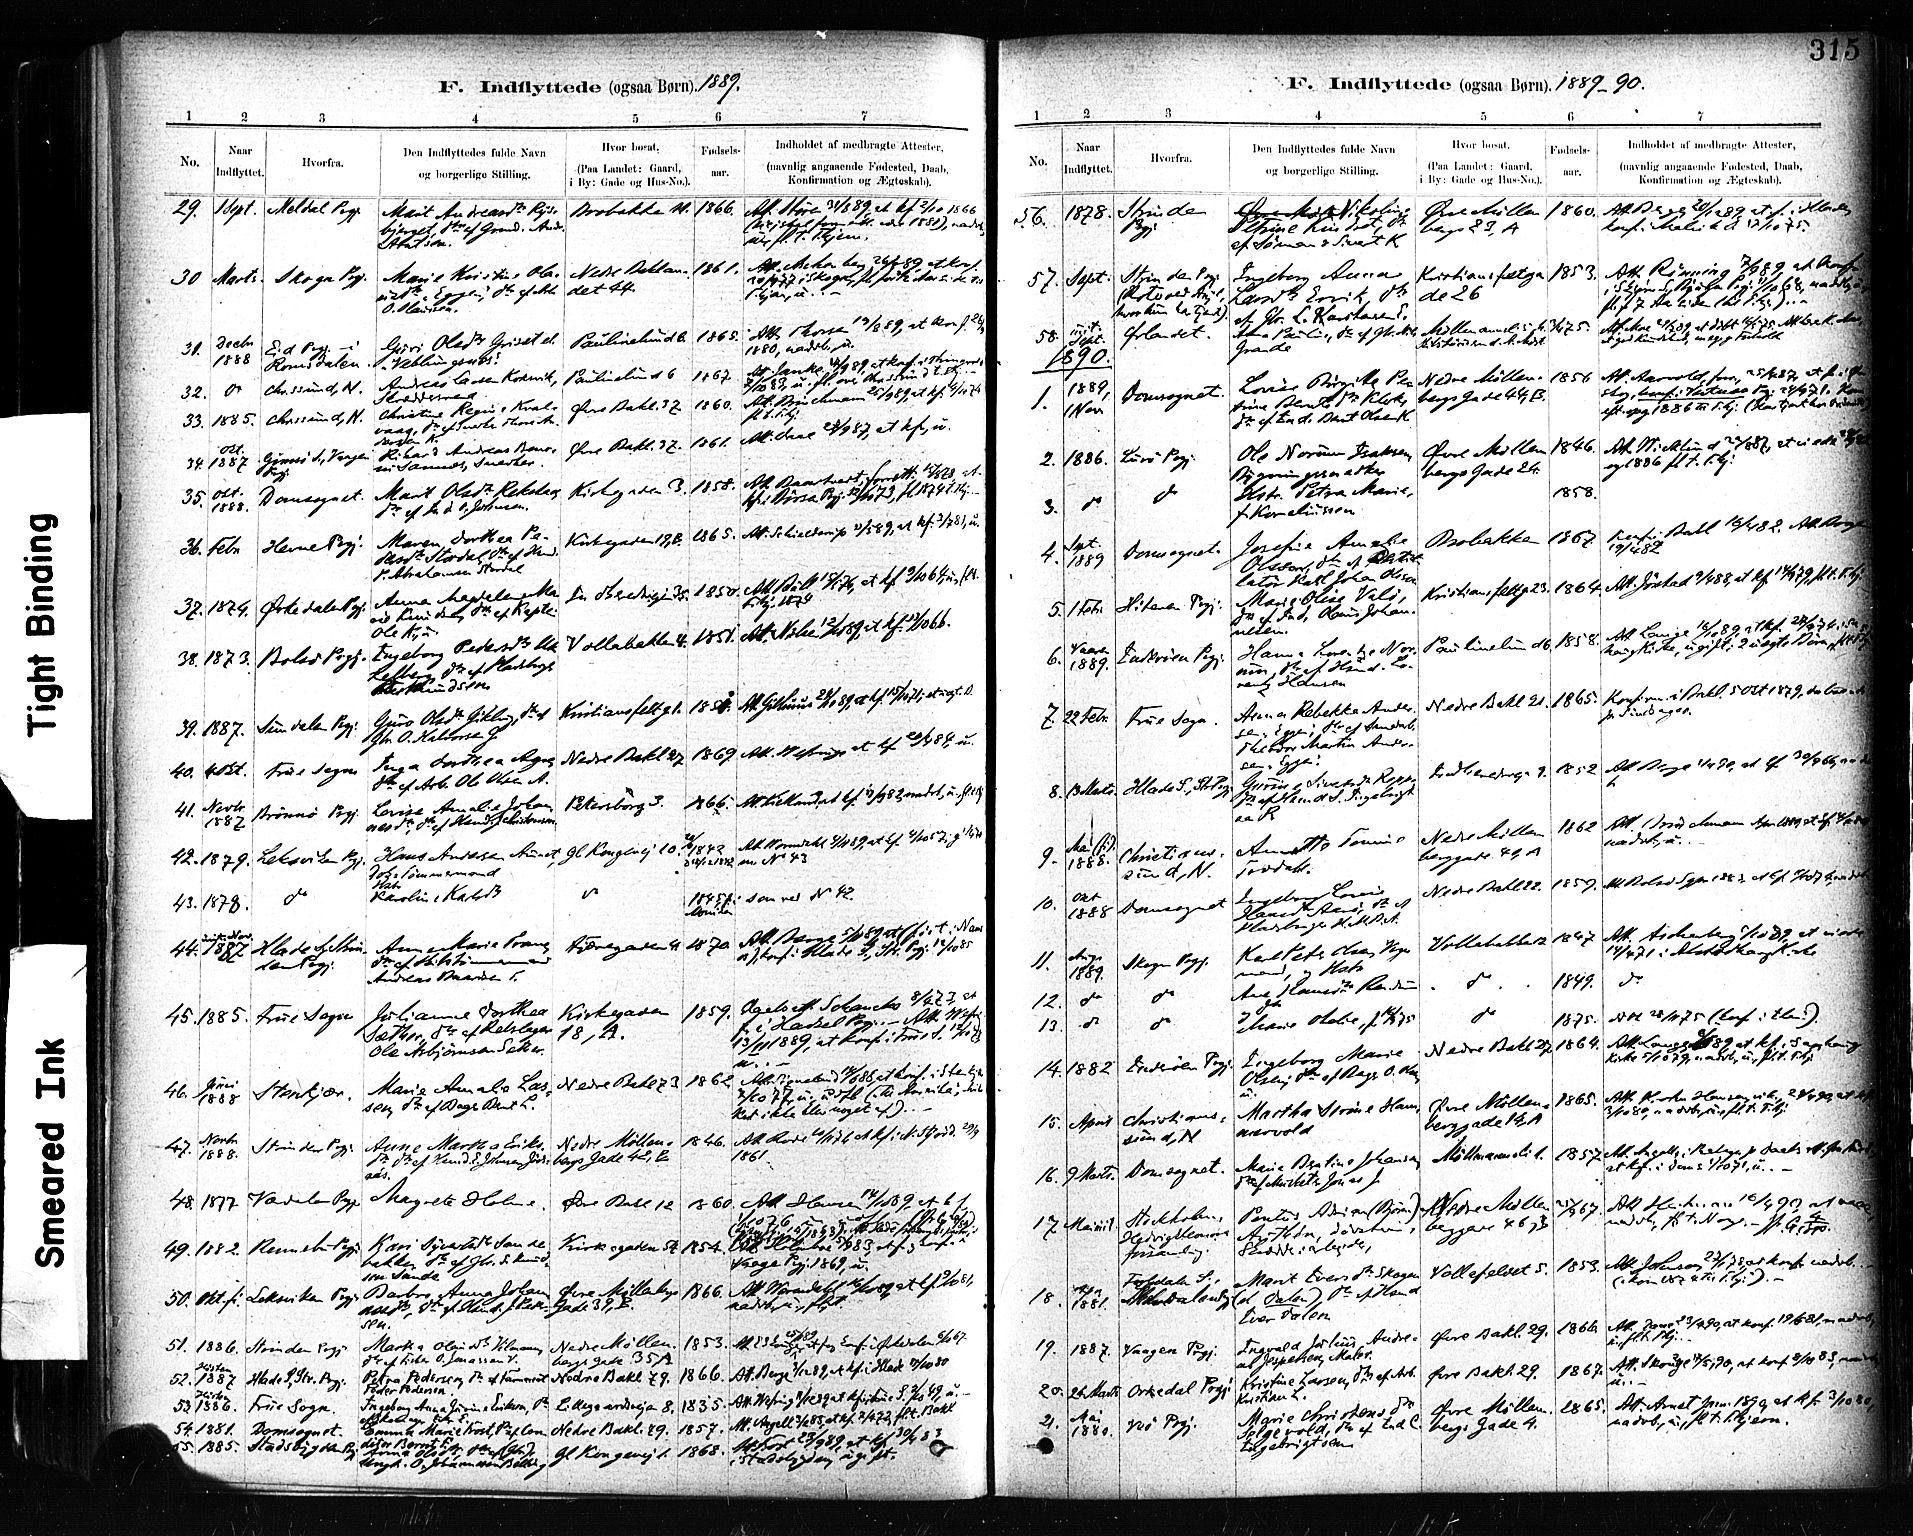 SAT, Ministerialprotokoller, klokkerbøker og fødselsregistre - Sør-Trøndelag, 604/L0189: Ministerialbok nr. 604A10, 1878-1892, s. 315